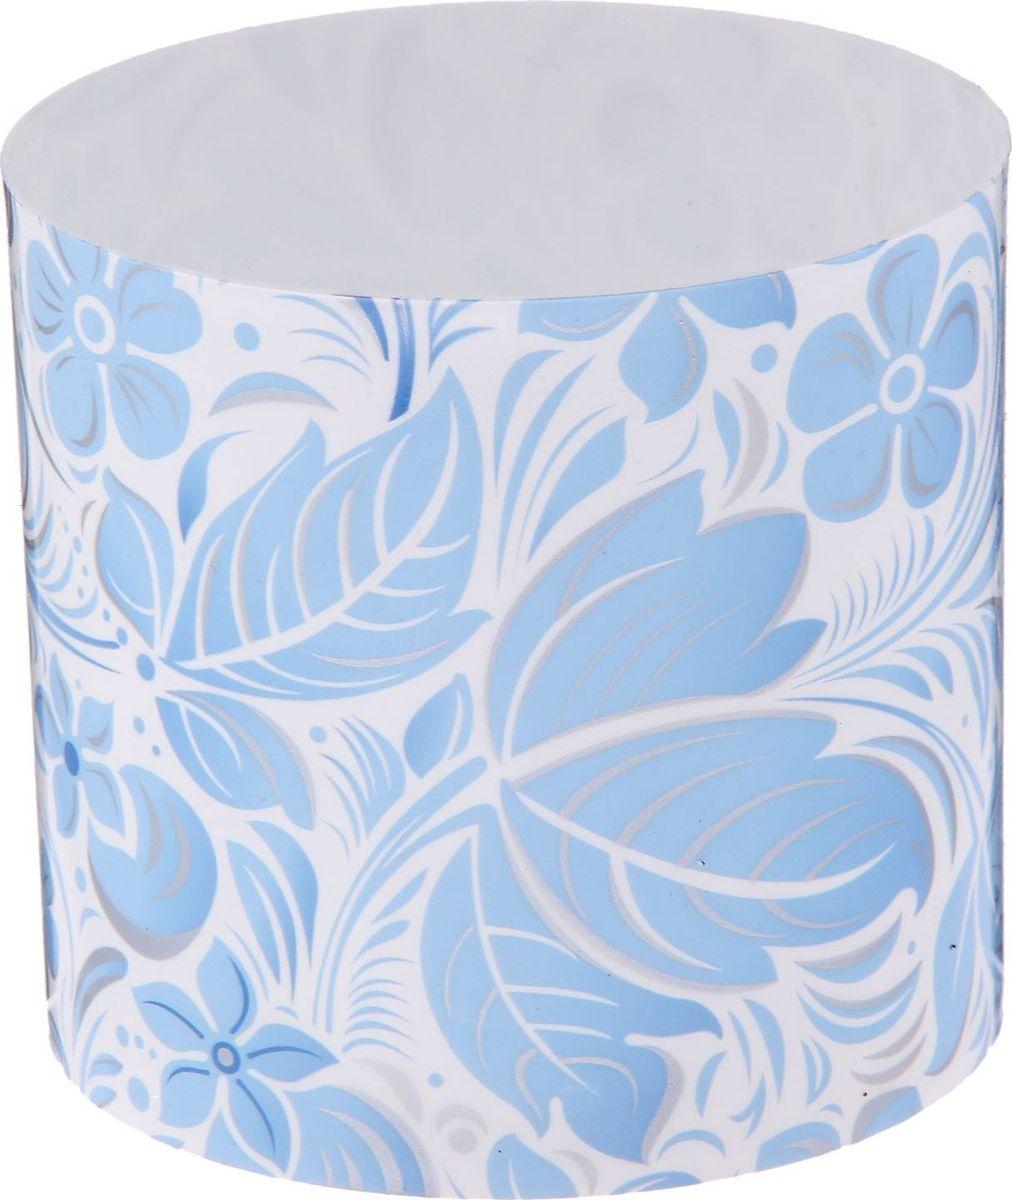 Горшок для цветов Simple Garden Листочки-цветочки, со скрытым поддоном, 1 л2265048Любой, даже самый современный и продуманный интерьер будет незавершенным без растений. Они не только очищают воздух и насыщают его кислородом, но и украшают окружающее пространство. Такому полезному члену семьи просто необходим красивый и функциональный дом! Оптимальный выбор материала - пластмасса, которая имеет ряд преимуществ. Малый вес, что позволяет с легкостью переносить горшки и кашпо с места на место, ставить их на столики или полки, не беспокоясь о нагрузке. Простота ухода. Кашпо не нуждается в специальных условиях хранения. Его легко чистить - достаточно просто сполоснуть теплой водой. Никаких потертостей. Такие кашпо не царапают и не загрязняют поверхности, на которых стоят. Пластик дольше хранит влагу, а значит, растение реже нуждается в поливе. Пластмасса не пропускает воздух - корневой системе растения не грозят резкие перепады температур.Соблюдая нехитрые правила ухода, можно заметно продлить срок службы горшков и кашпо из пластика: необходимо всегда учитывать размер кроны и корневой системы (при разрастании большое растение способно повредить маленький горшок), беречь изделие от воздействия прямых солнечных лучей, чтобы горшки не выцветали, держать кашпо из пластика нужно подальше от нагревающихся поверхностей.